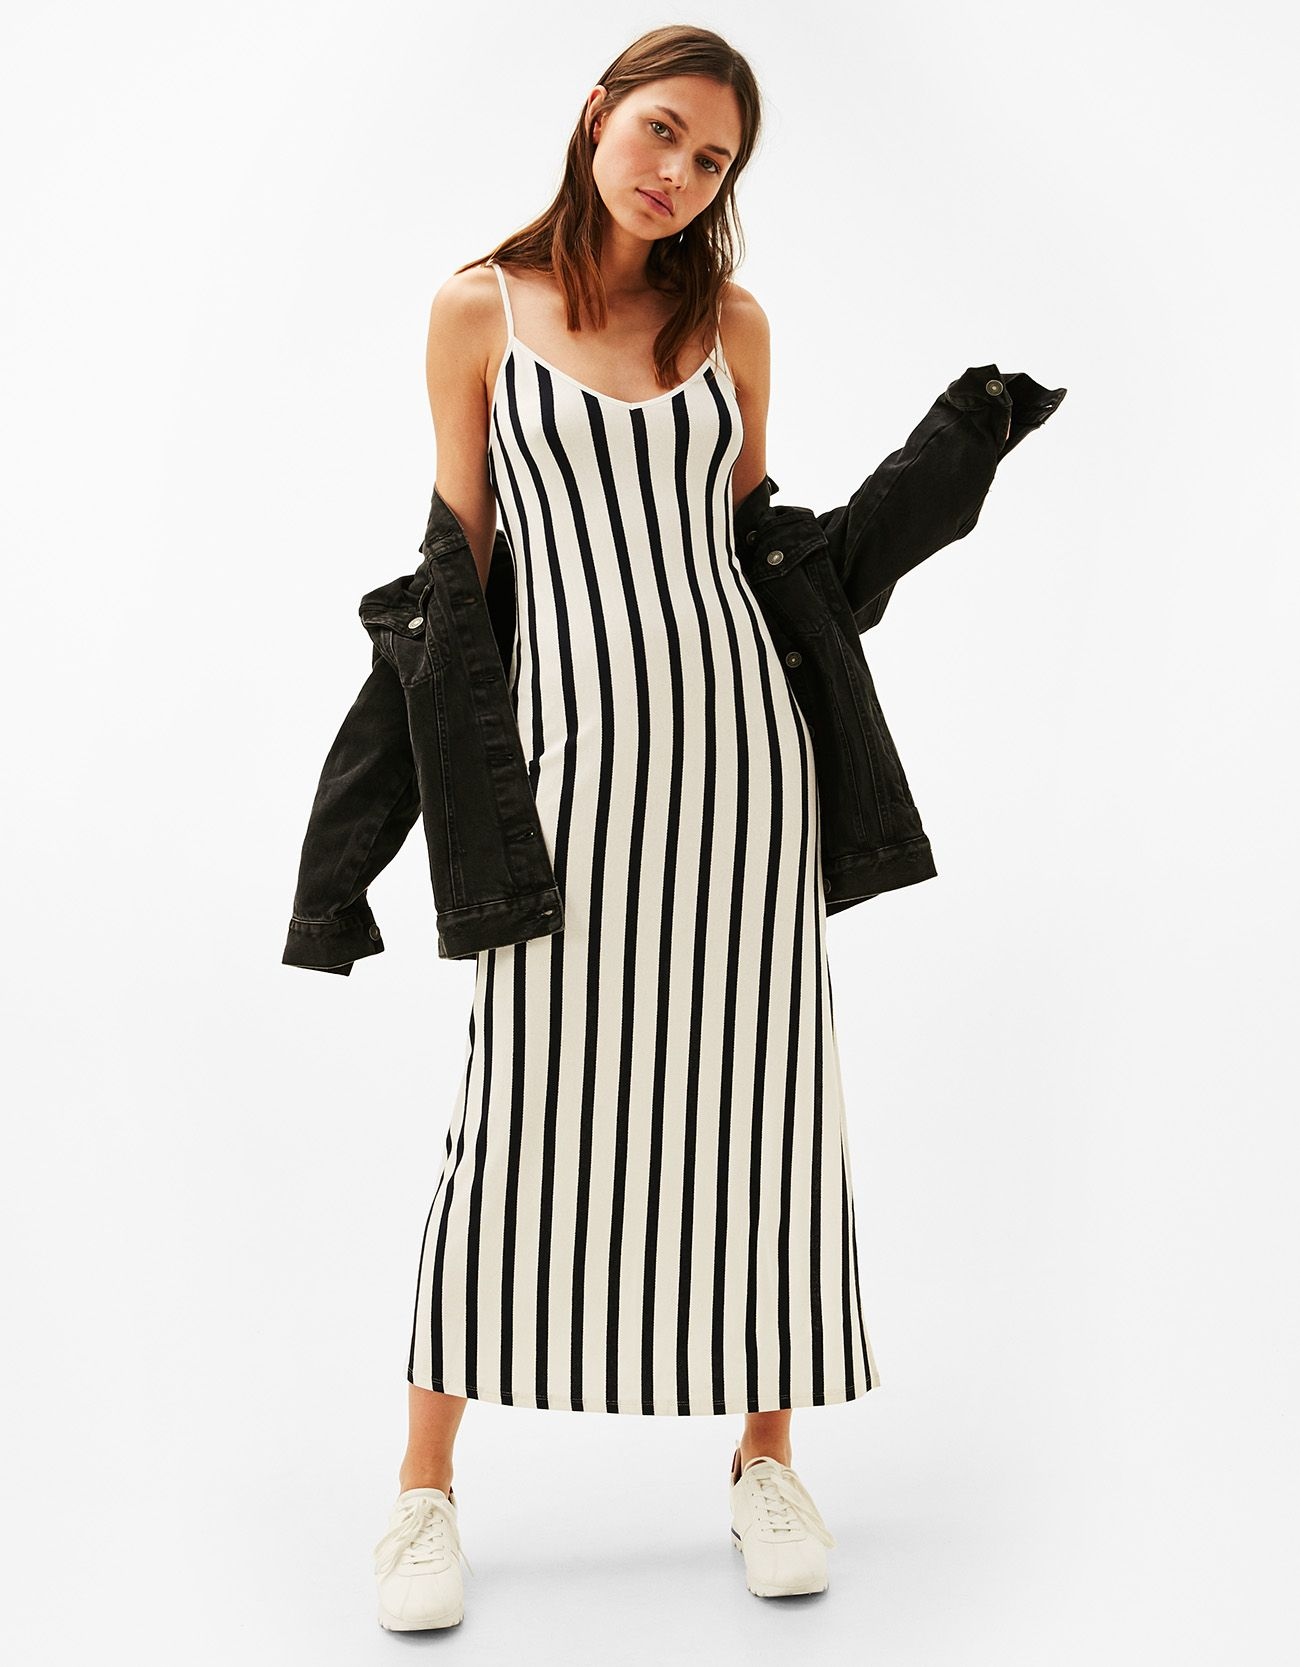 mejor online envío gratis la compra auténtico Vestido largo tirantes | Moda femenina | Dress clothes for ...